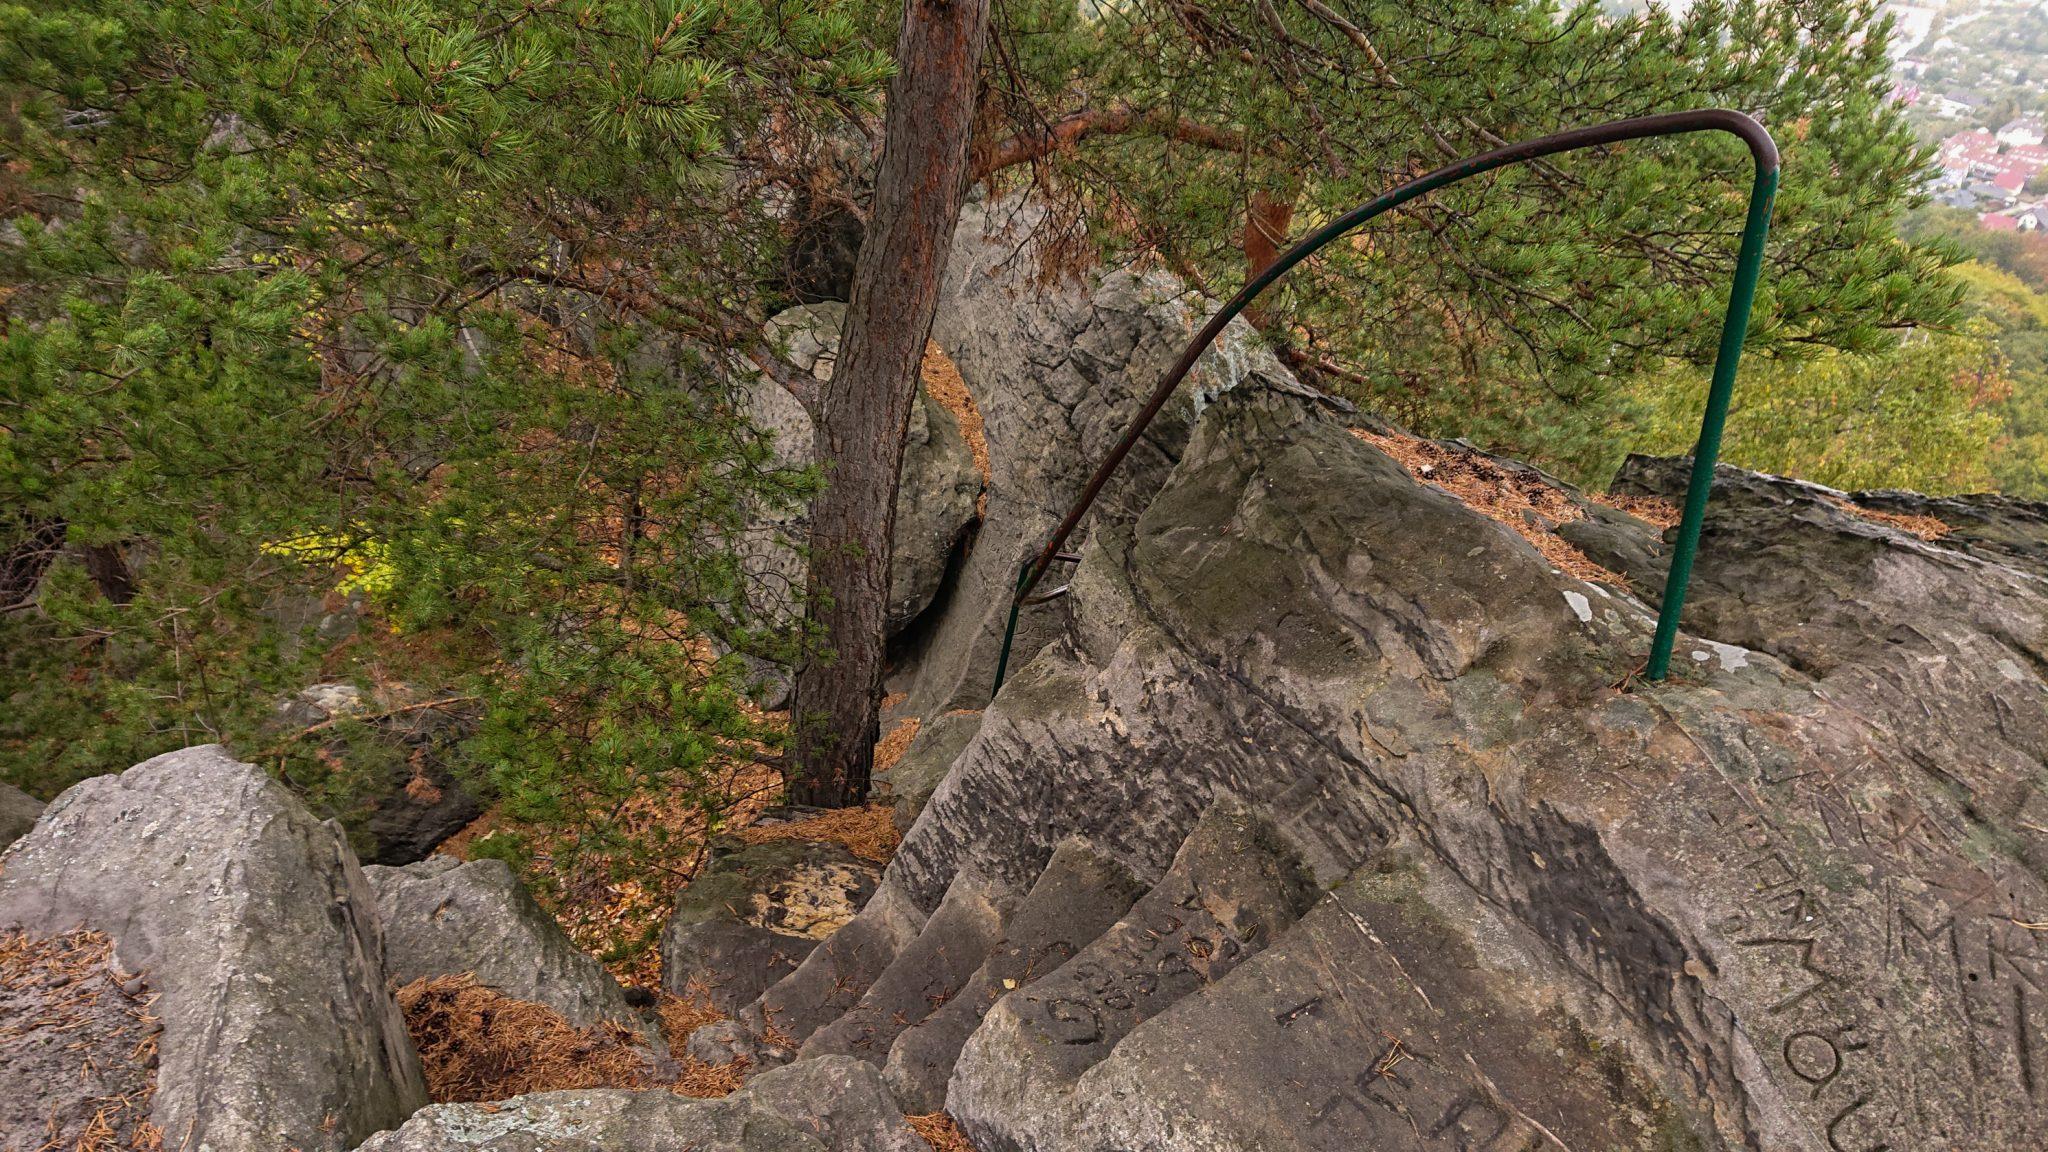 Rundwanderung auf der Blankenburger Teufelsmauer, Felsformation, Stufen in Stein geschlagen mit Trittsicherung, angrenzender Wald